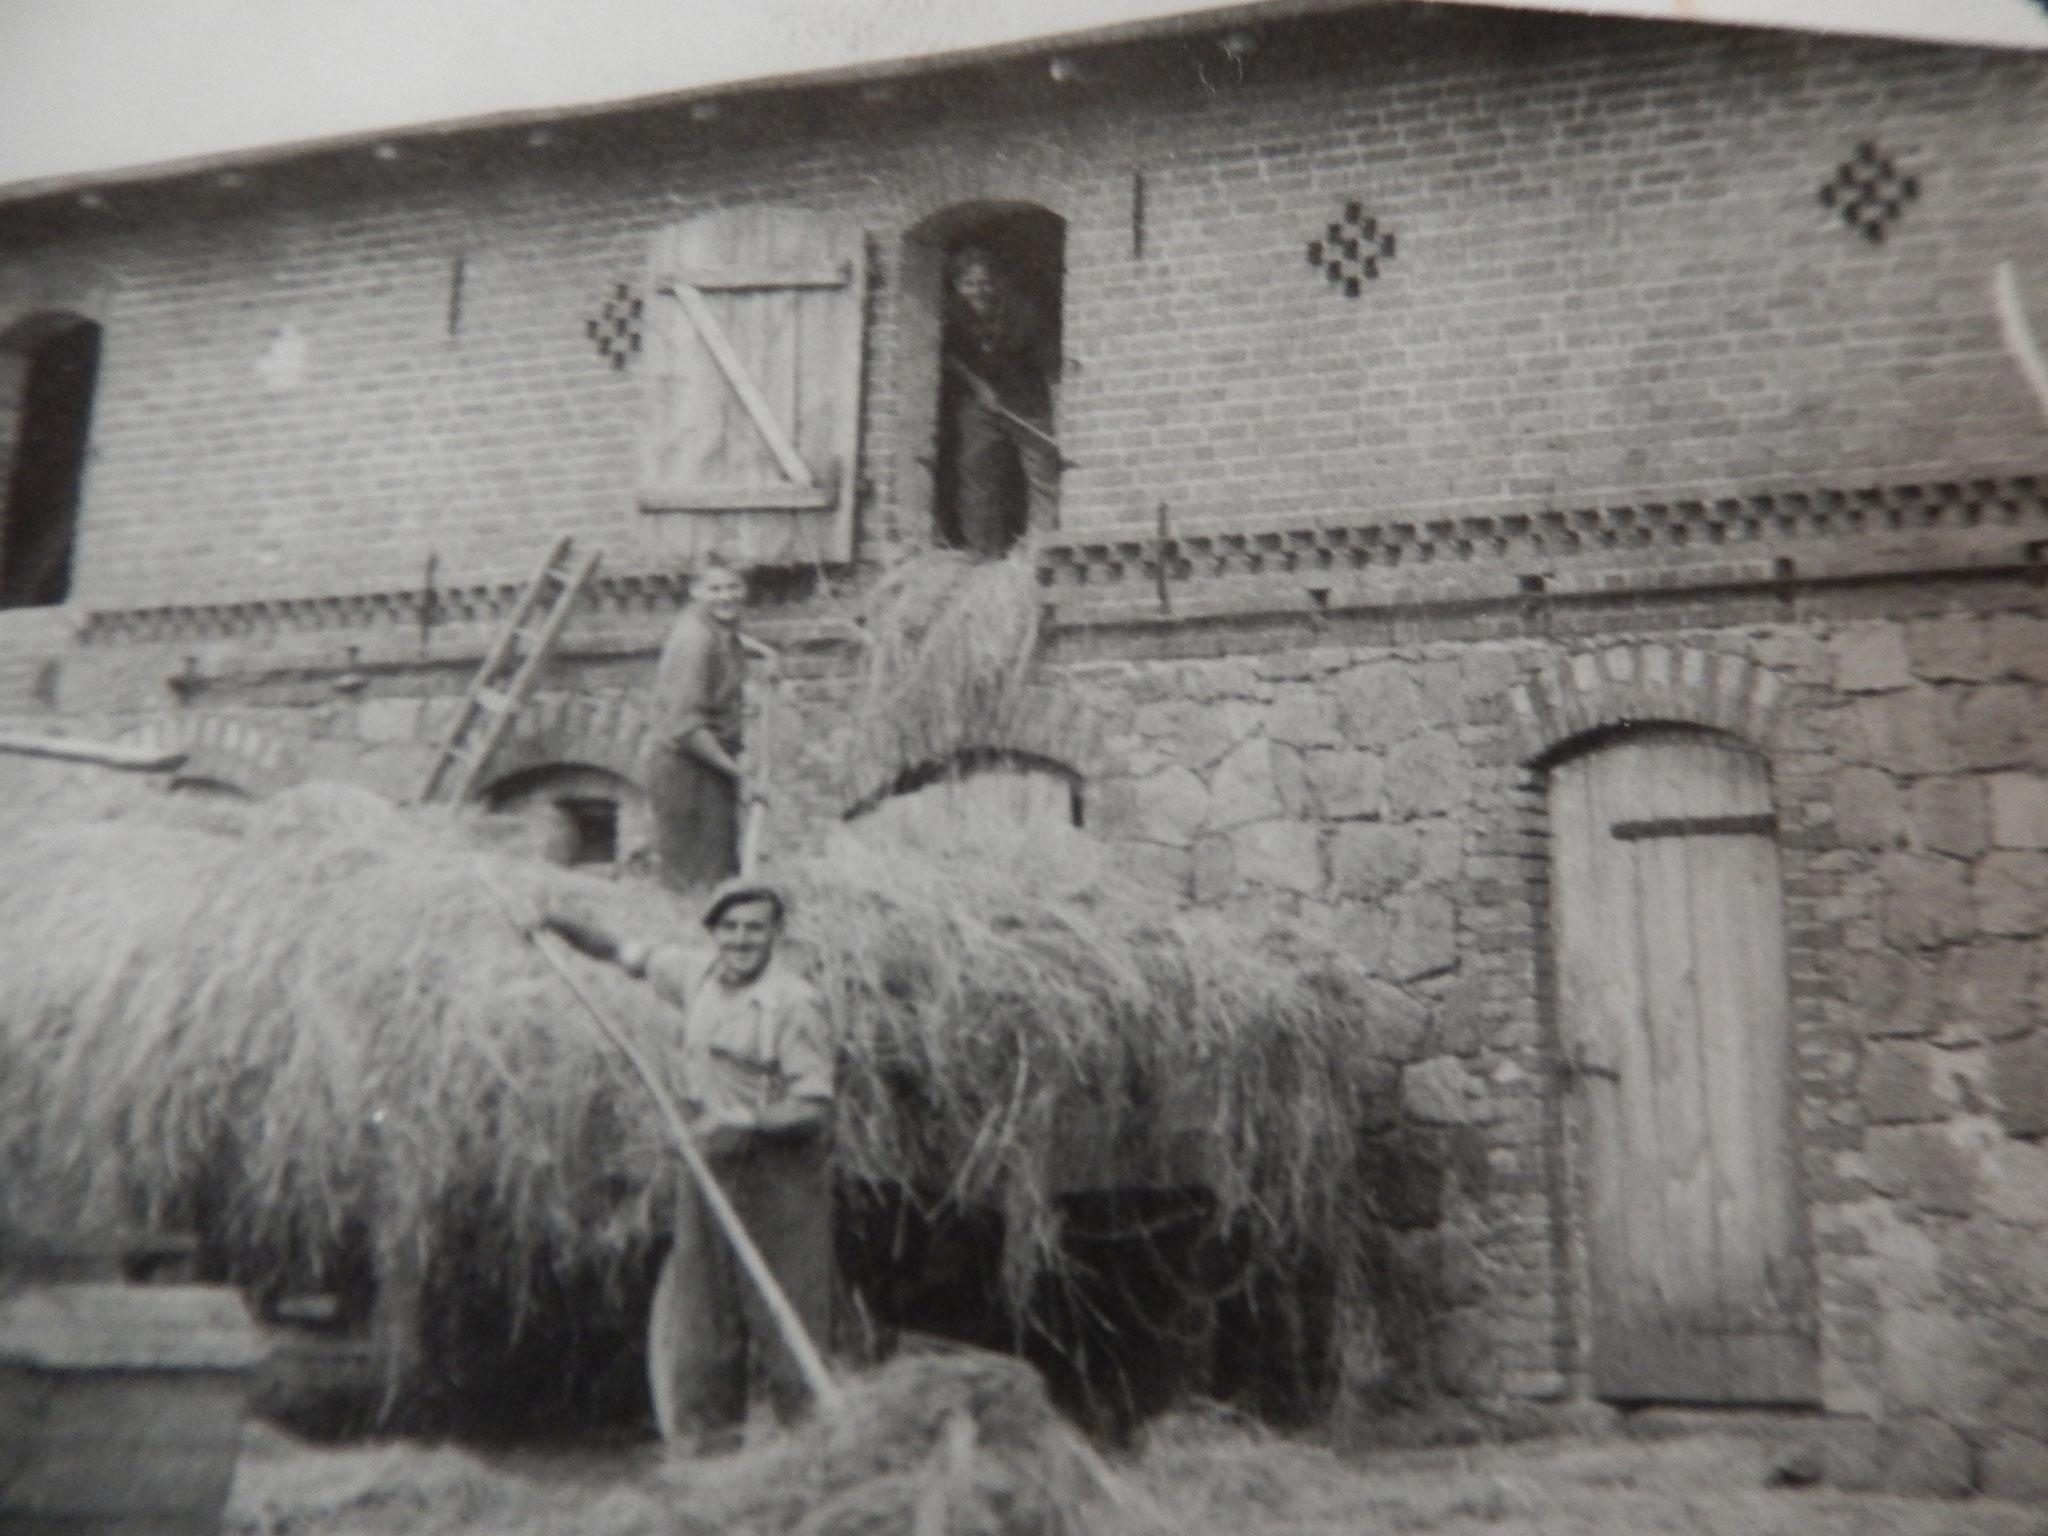 Wir sind ein landwirtschaftlicher Familienbetrieb, der bereits seit vielen Generationen besteht. Noch immer lagern wir unsere kleinen Bunde auf diesem Stroh- und Heuboden.